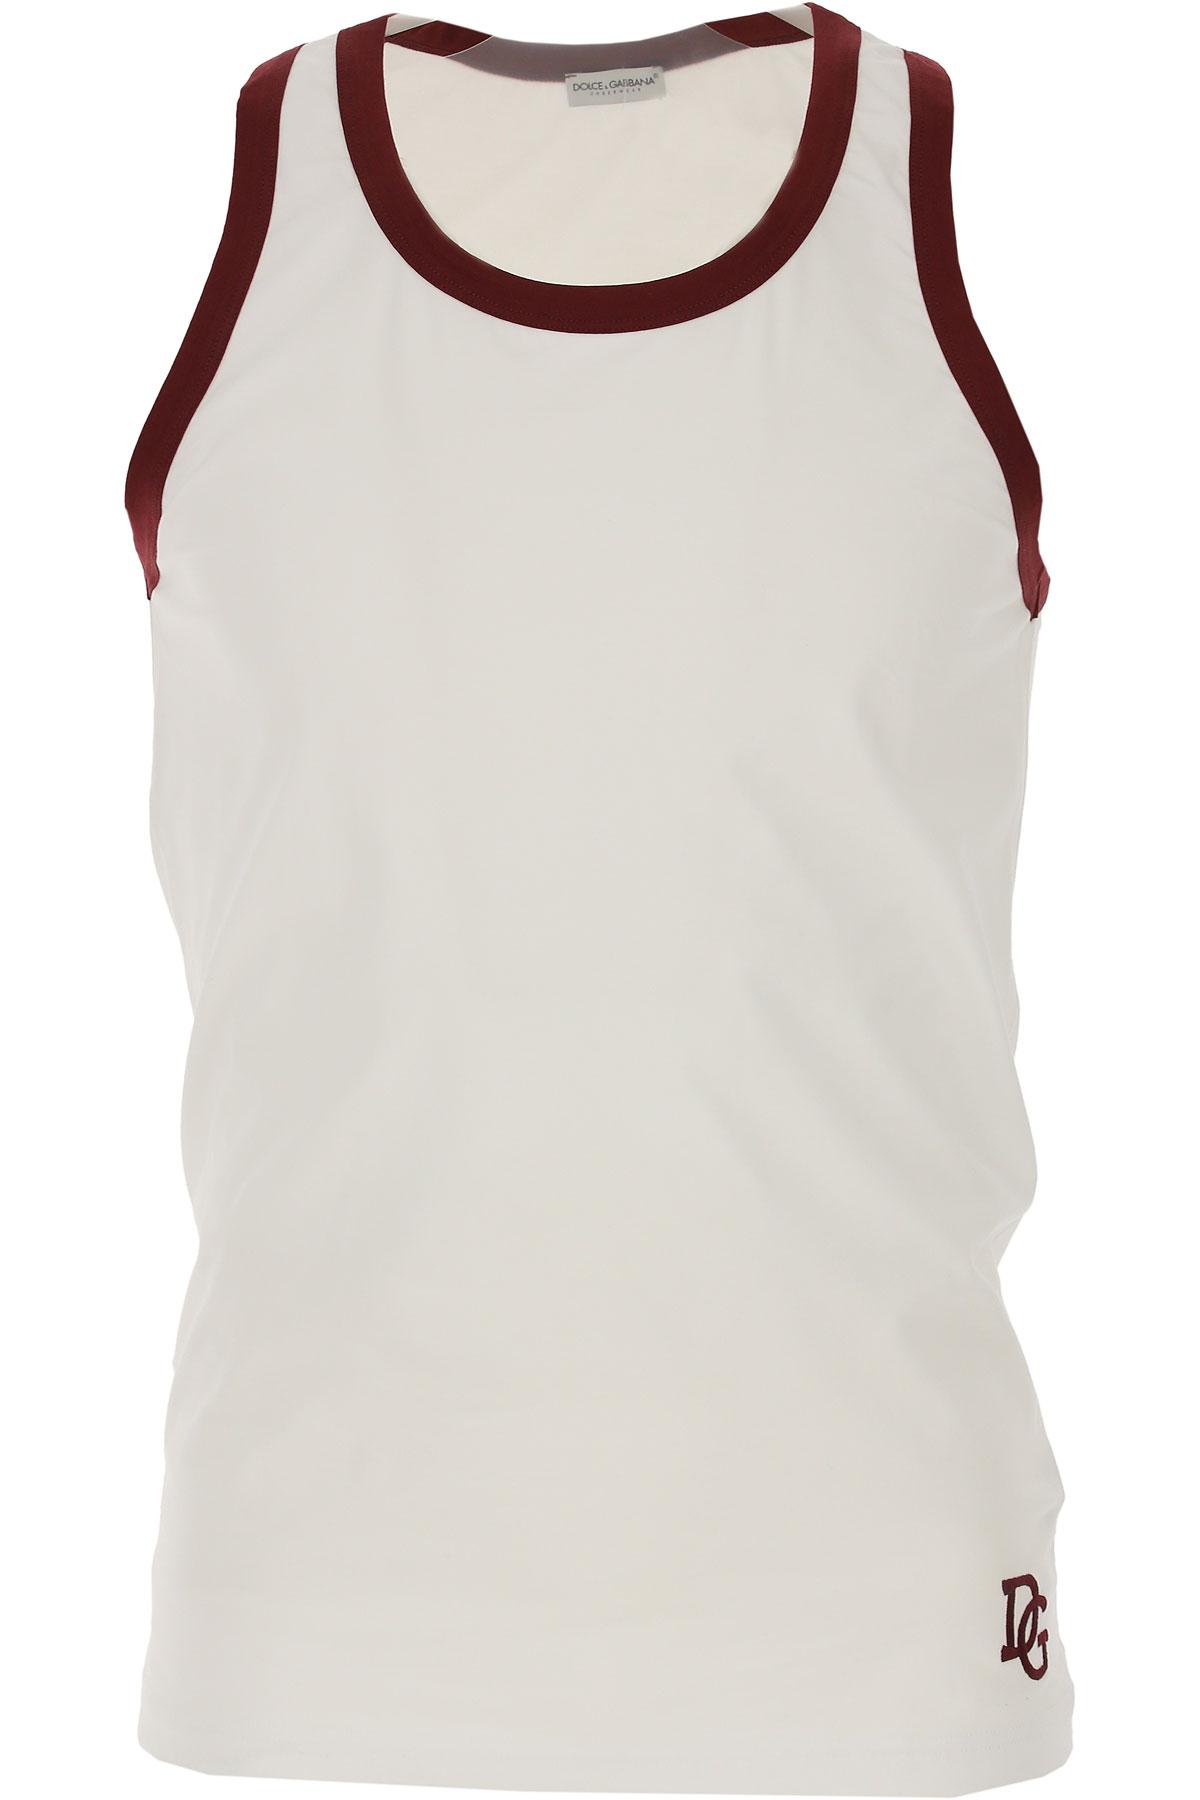 Image of Dolce & Gabbana Tank Top for Men, White, Cotton, 2017, M (EU 4) L (EU 5) XL (EU 6)